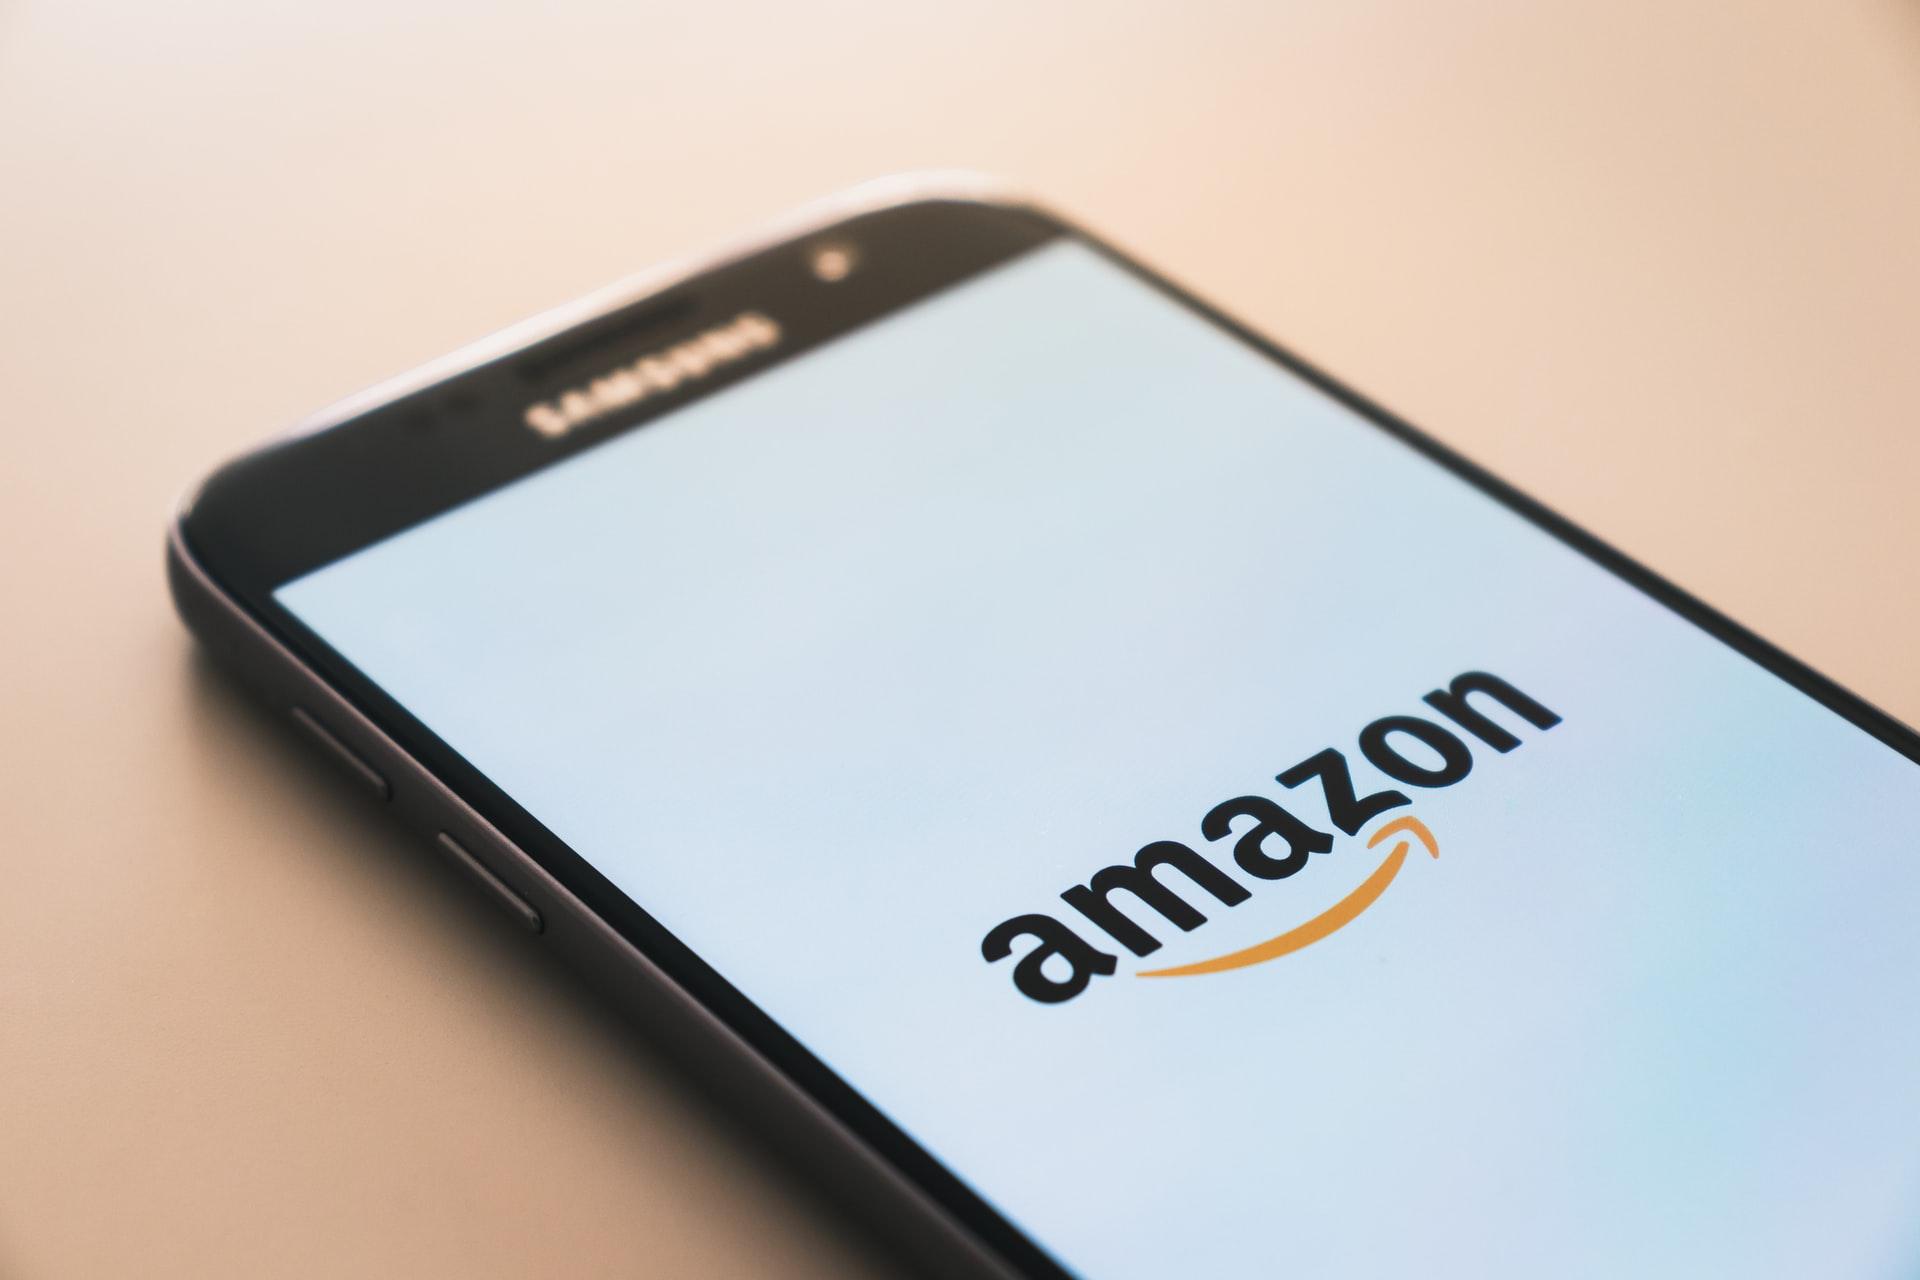 Топ-менеджер Amazon Web Services пояснив, як Big Data прискорює перехід на хмарні технології